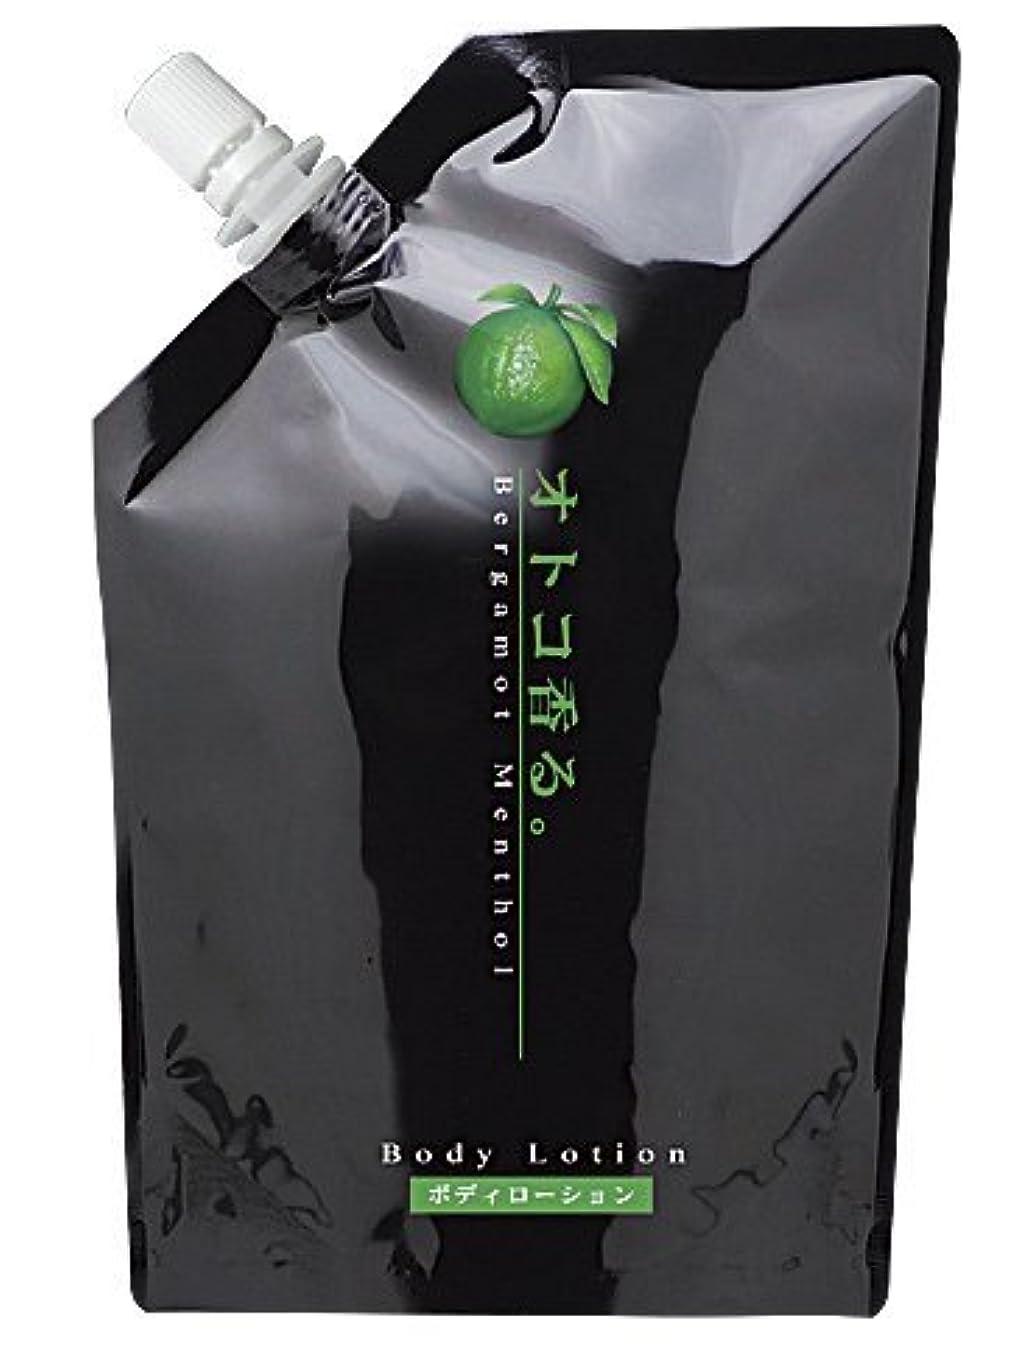 椅子エジプト人いたずらなkracie(クラシエ) オトコ香る ボディローション ベルガモットの香り 微香性 業務用 家庭様向け 500ml 補充サイズ